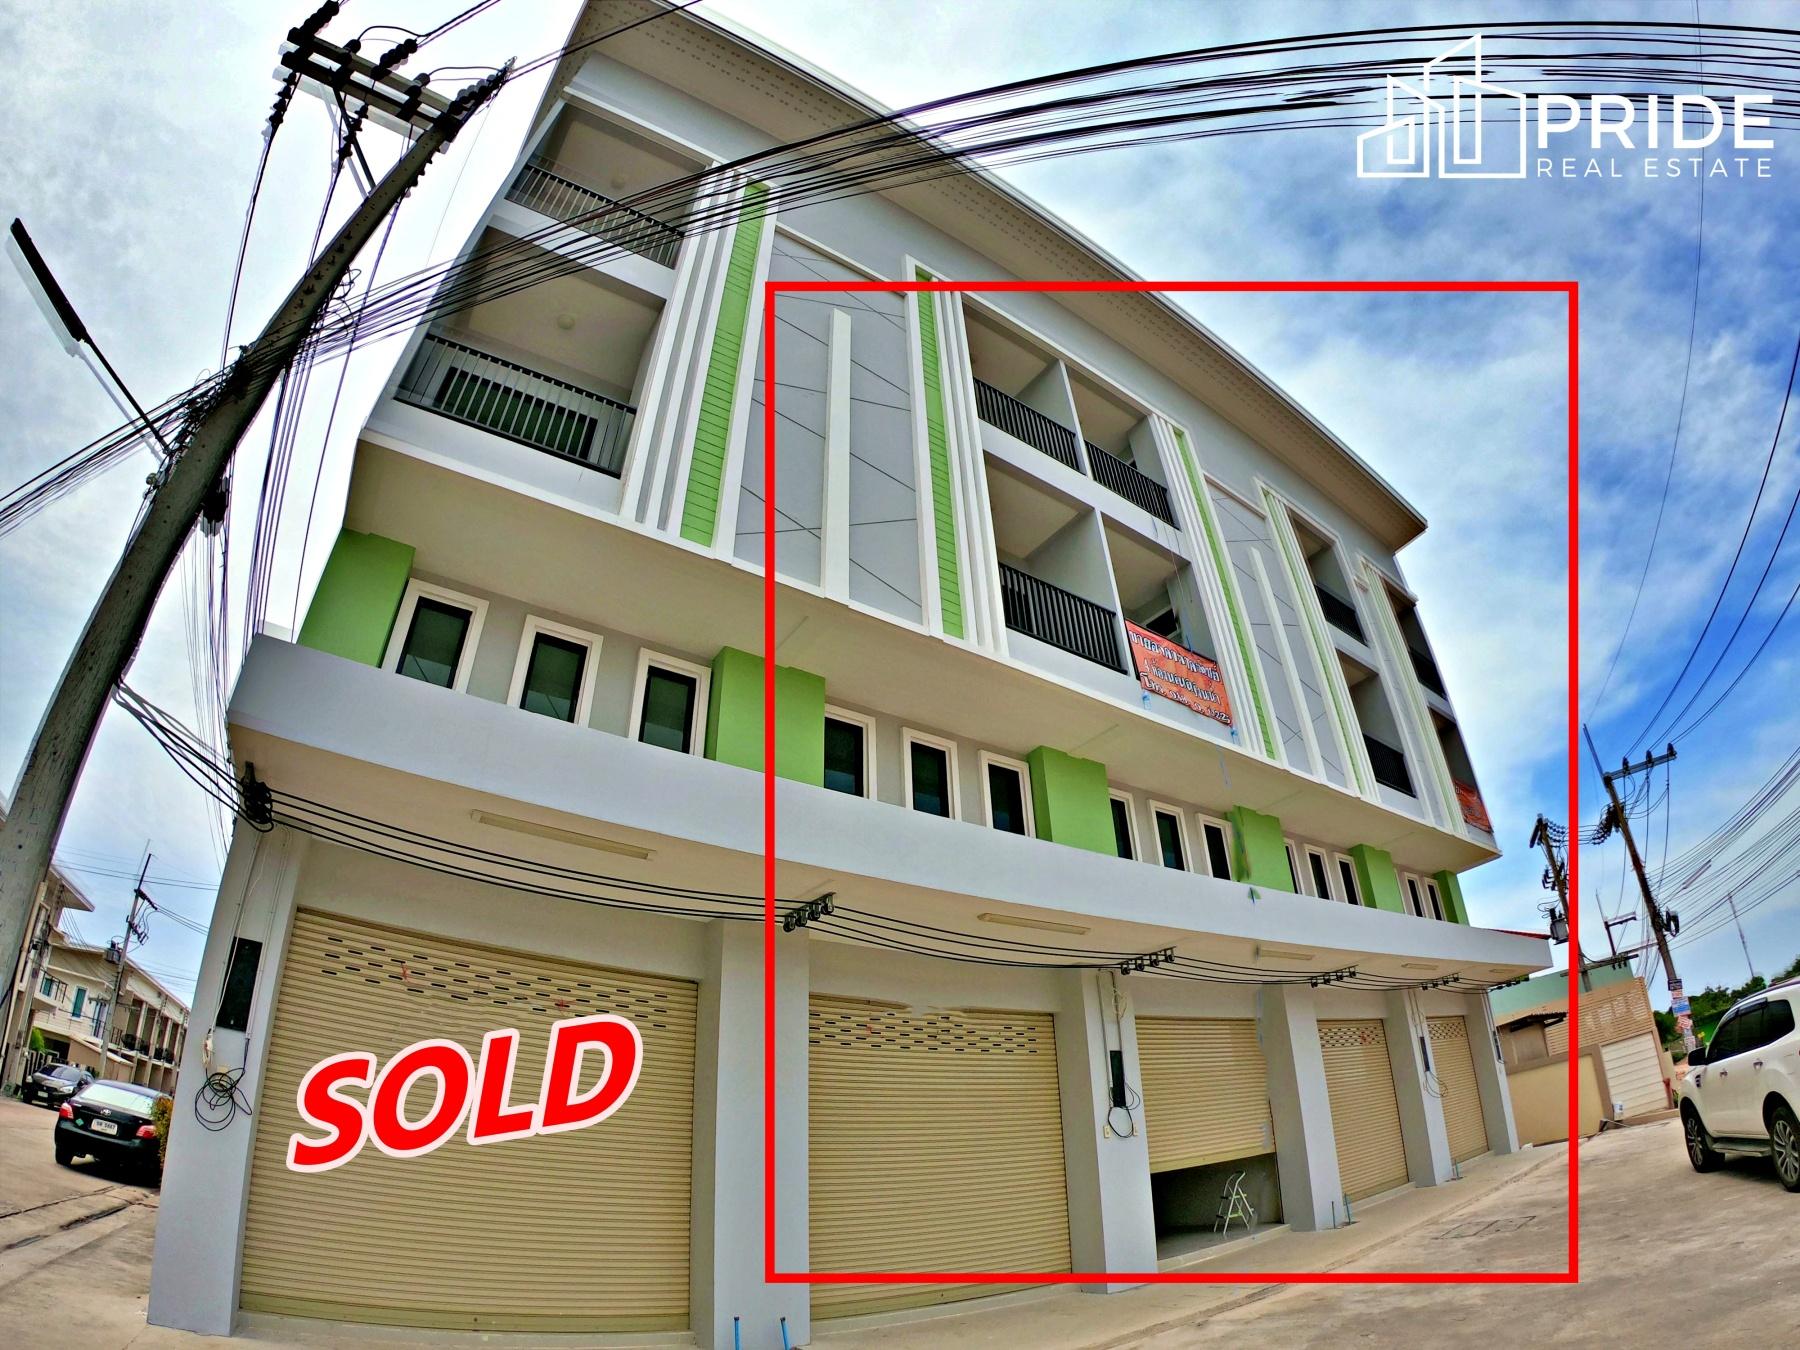 ขายอาคารพาณิชย์ 4 ชั้น (4 ยูนิตสุดท้าย) พัทยากลาง - เนินพลับหวาน  Commercial Building in Central Pattaya - Nernplubwaan